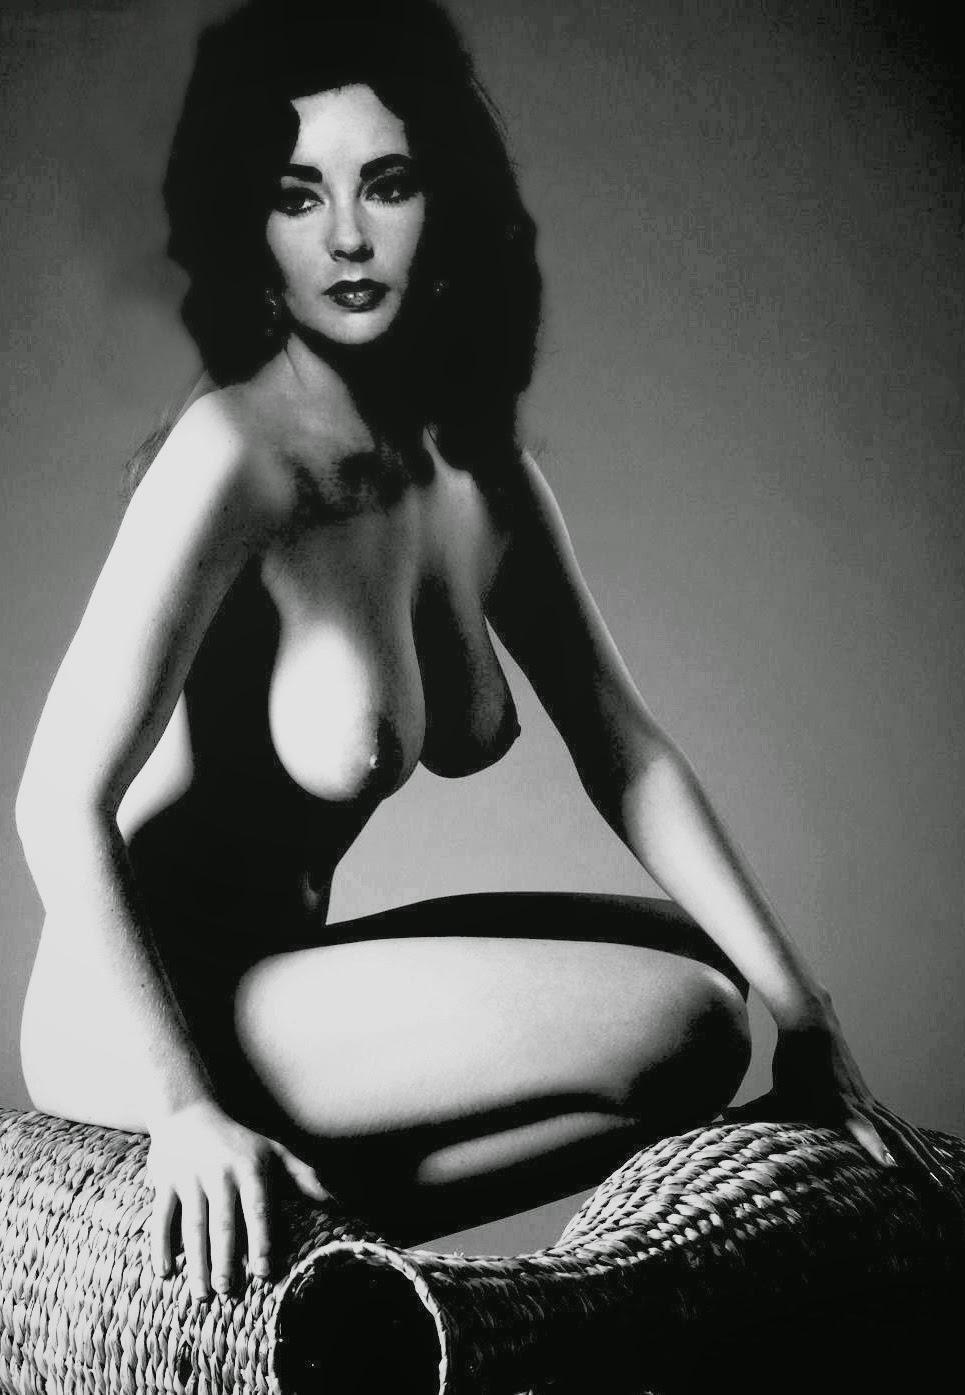 bilder-von-elizabeth-taylor-nackt-sexy-big-boob-blonde-milf